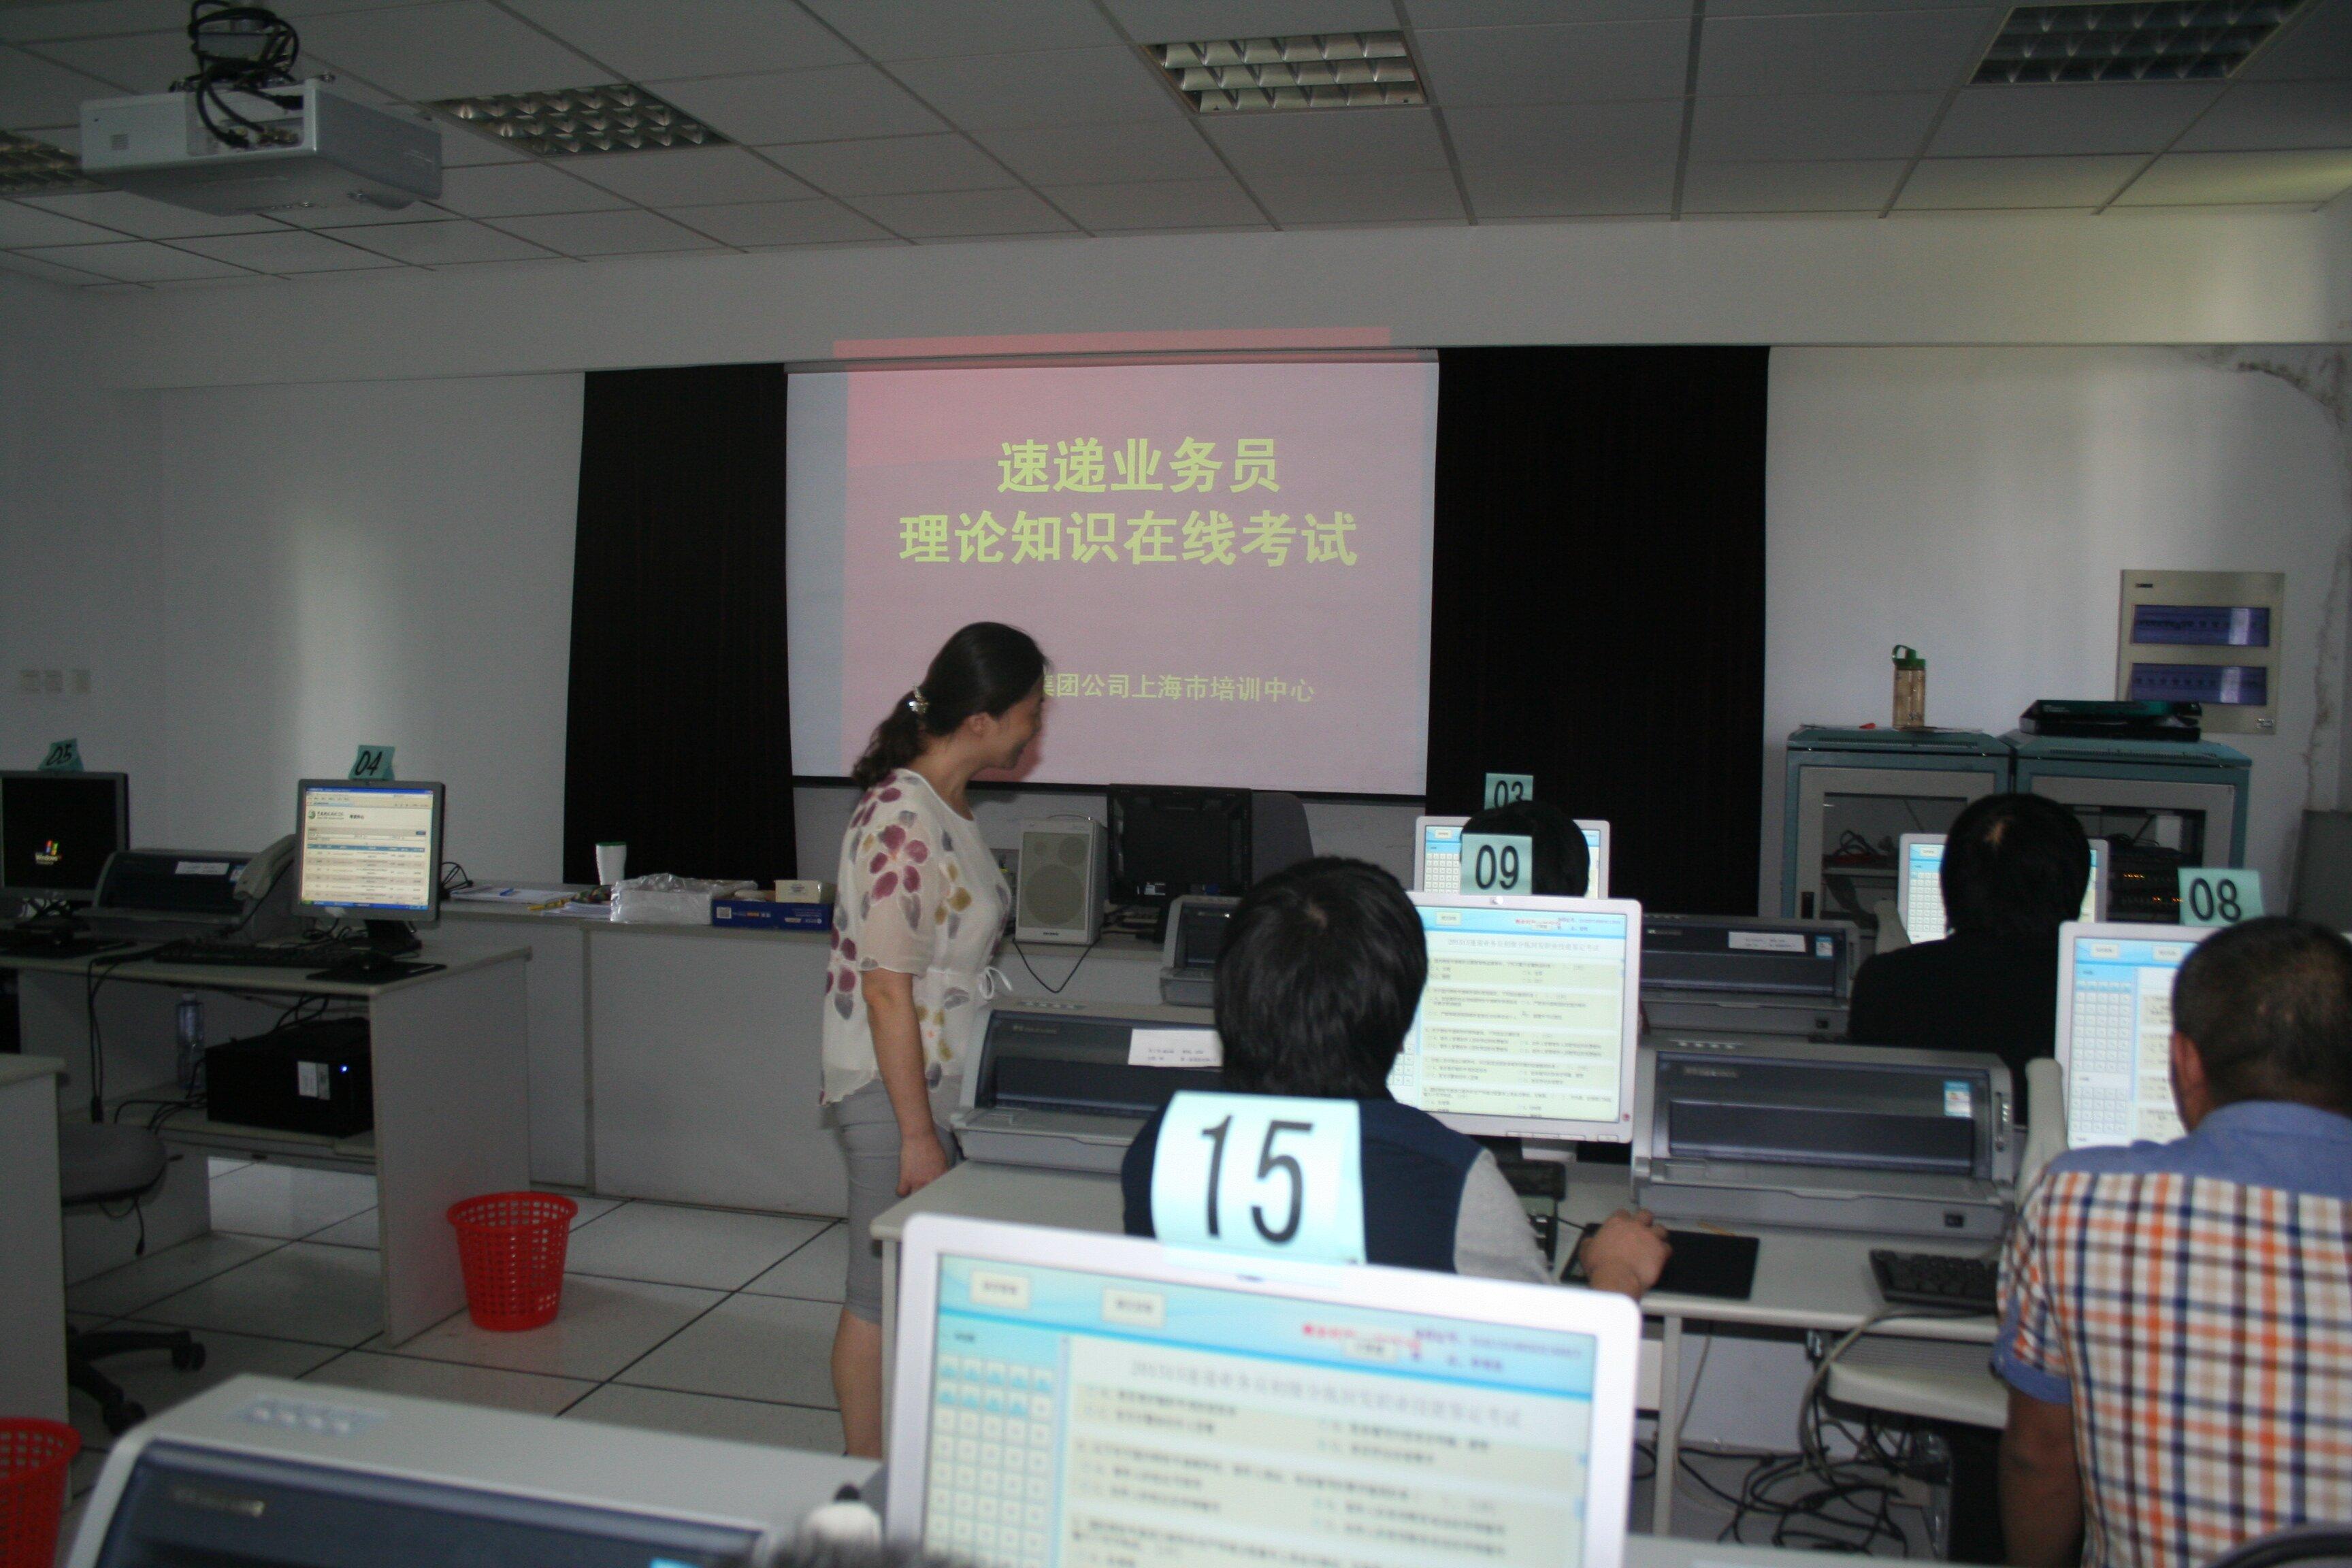 职业技能鉴定理论知识在线考试顺利举行